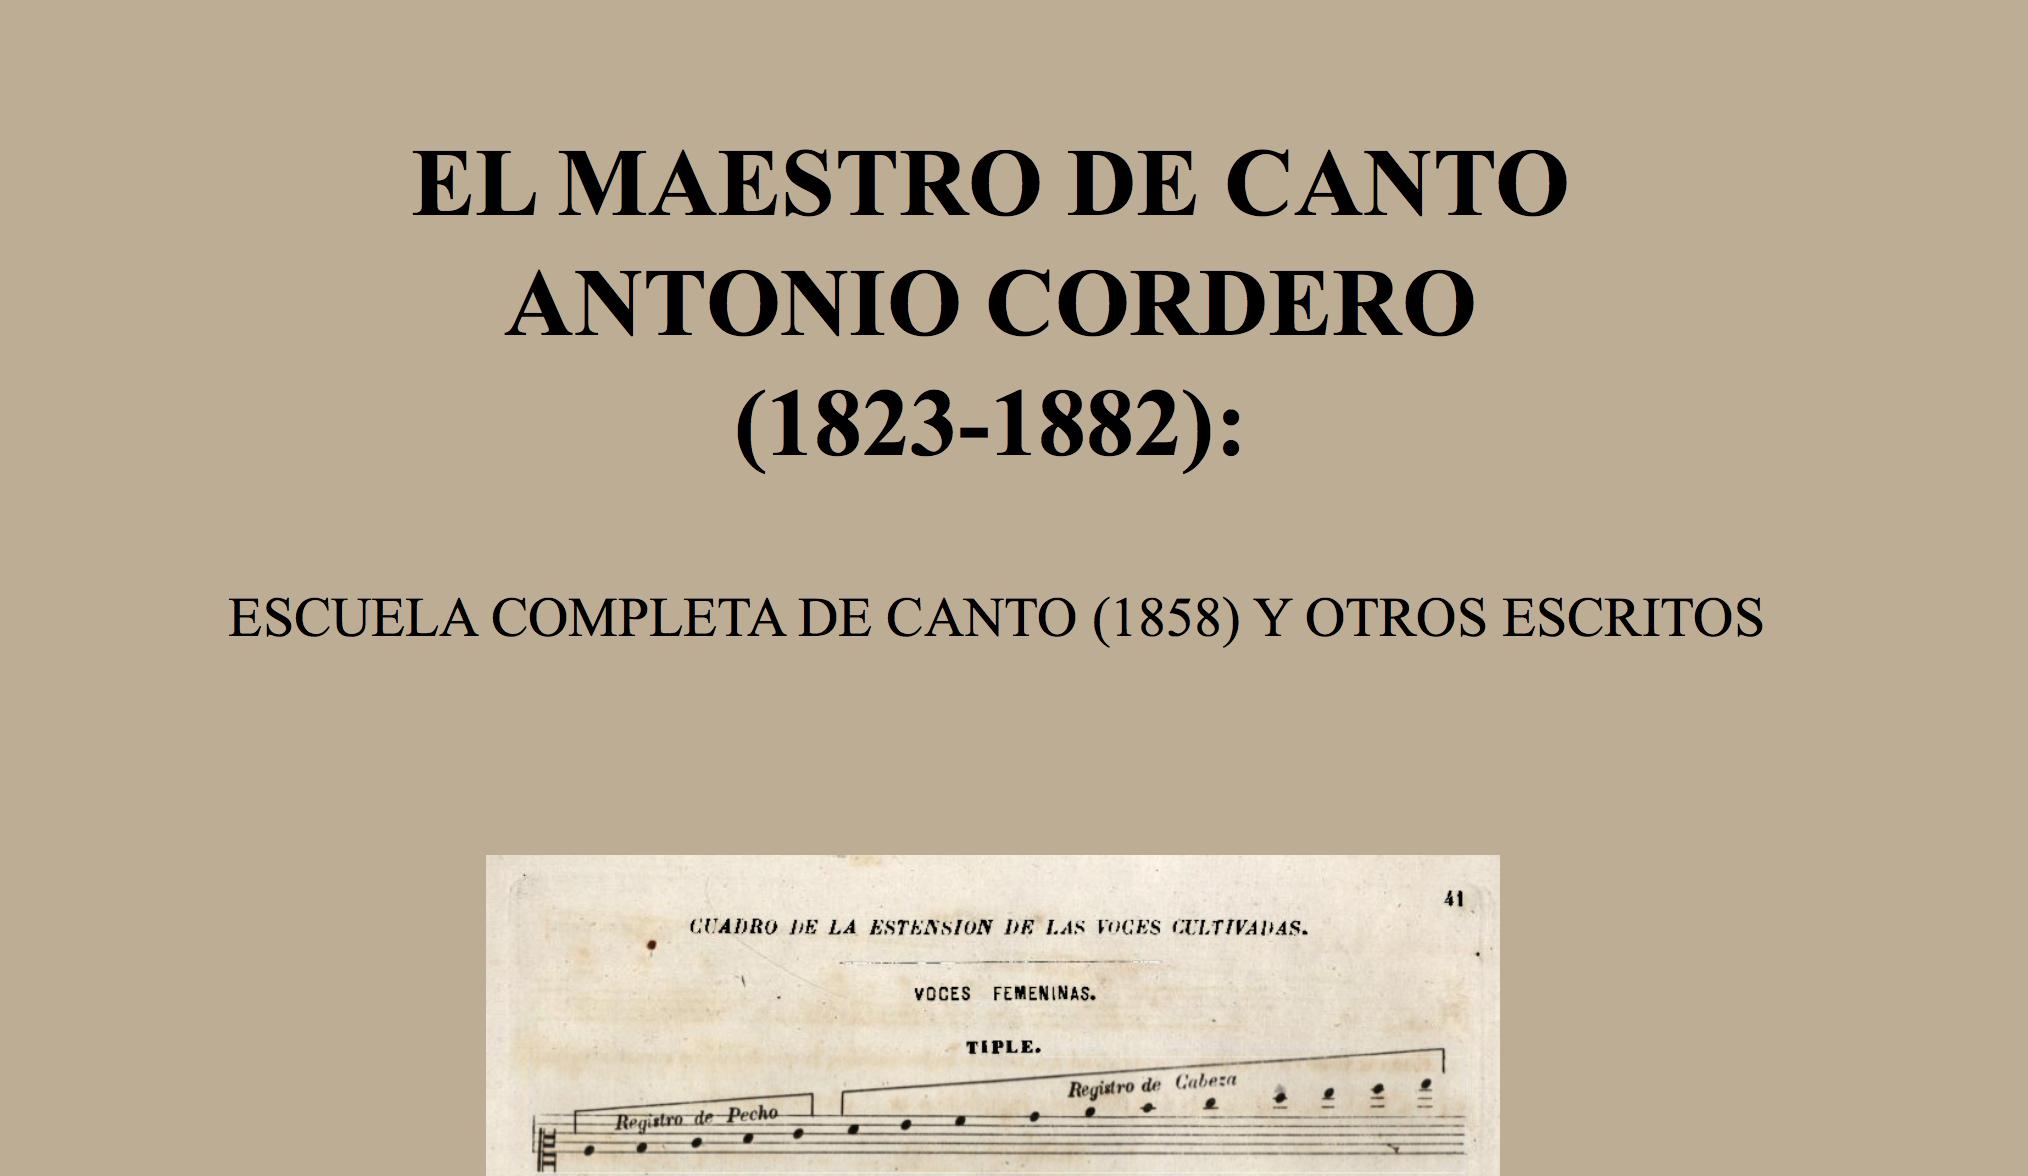 María del Coral Morales-Villar: El maestro de canto Antonio Cordero (1823-1882)